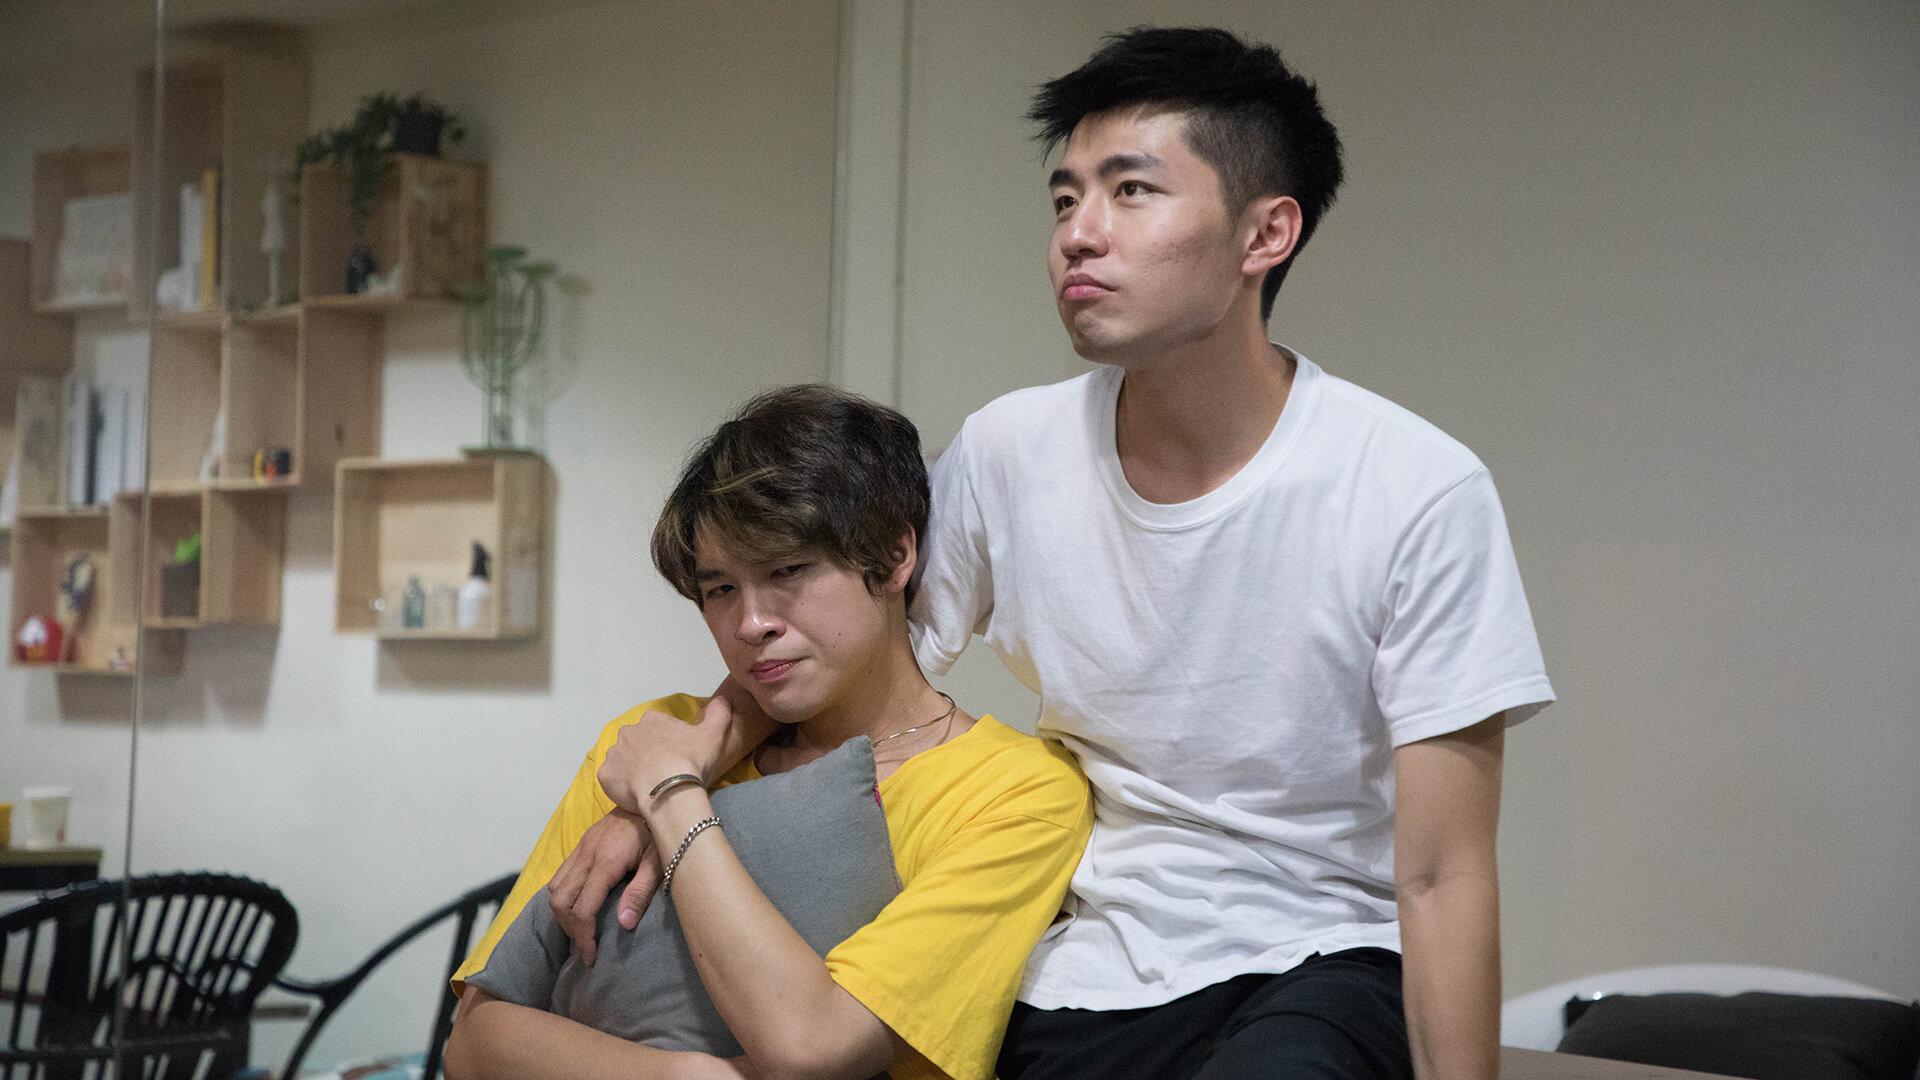 Anderson與楊銘飾演一對歡喜怨家,可能性格比較相似,所以在舞台上的感覺非常合拍,滿載笑聲。